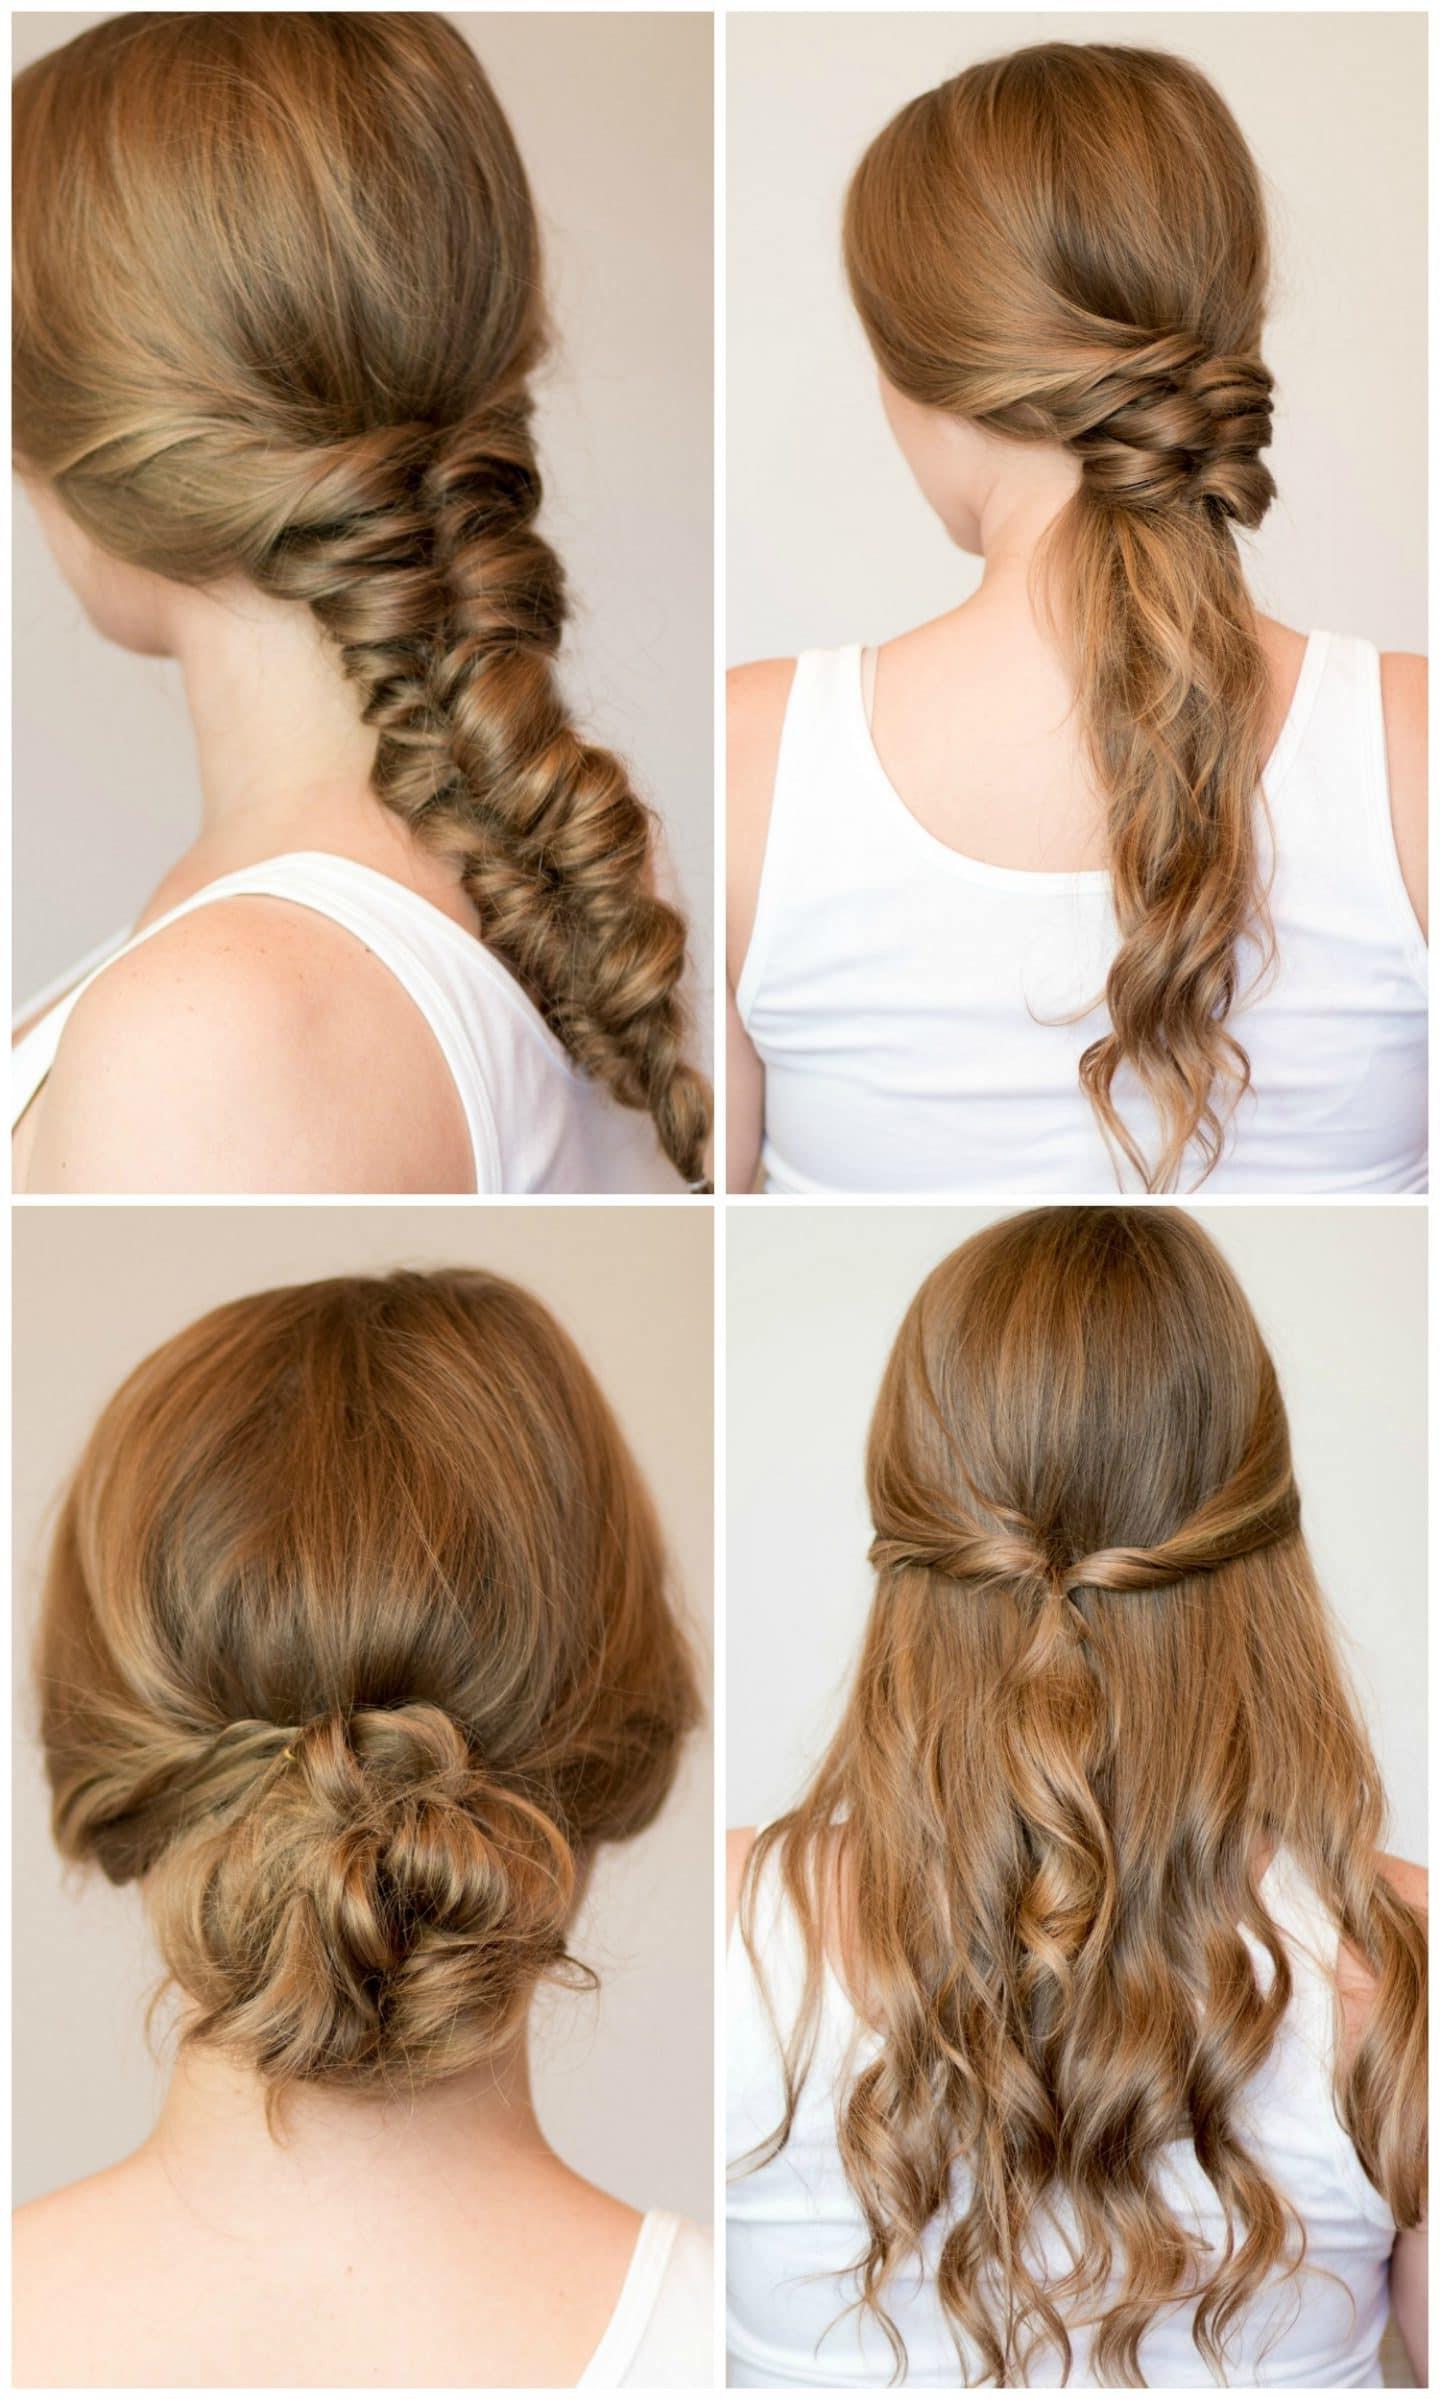 Coiffures simples pour les cheveux longs.